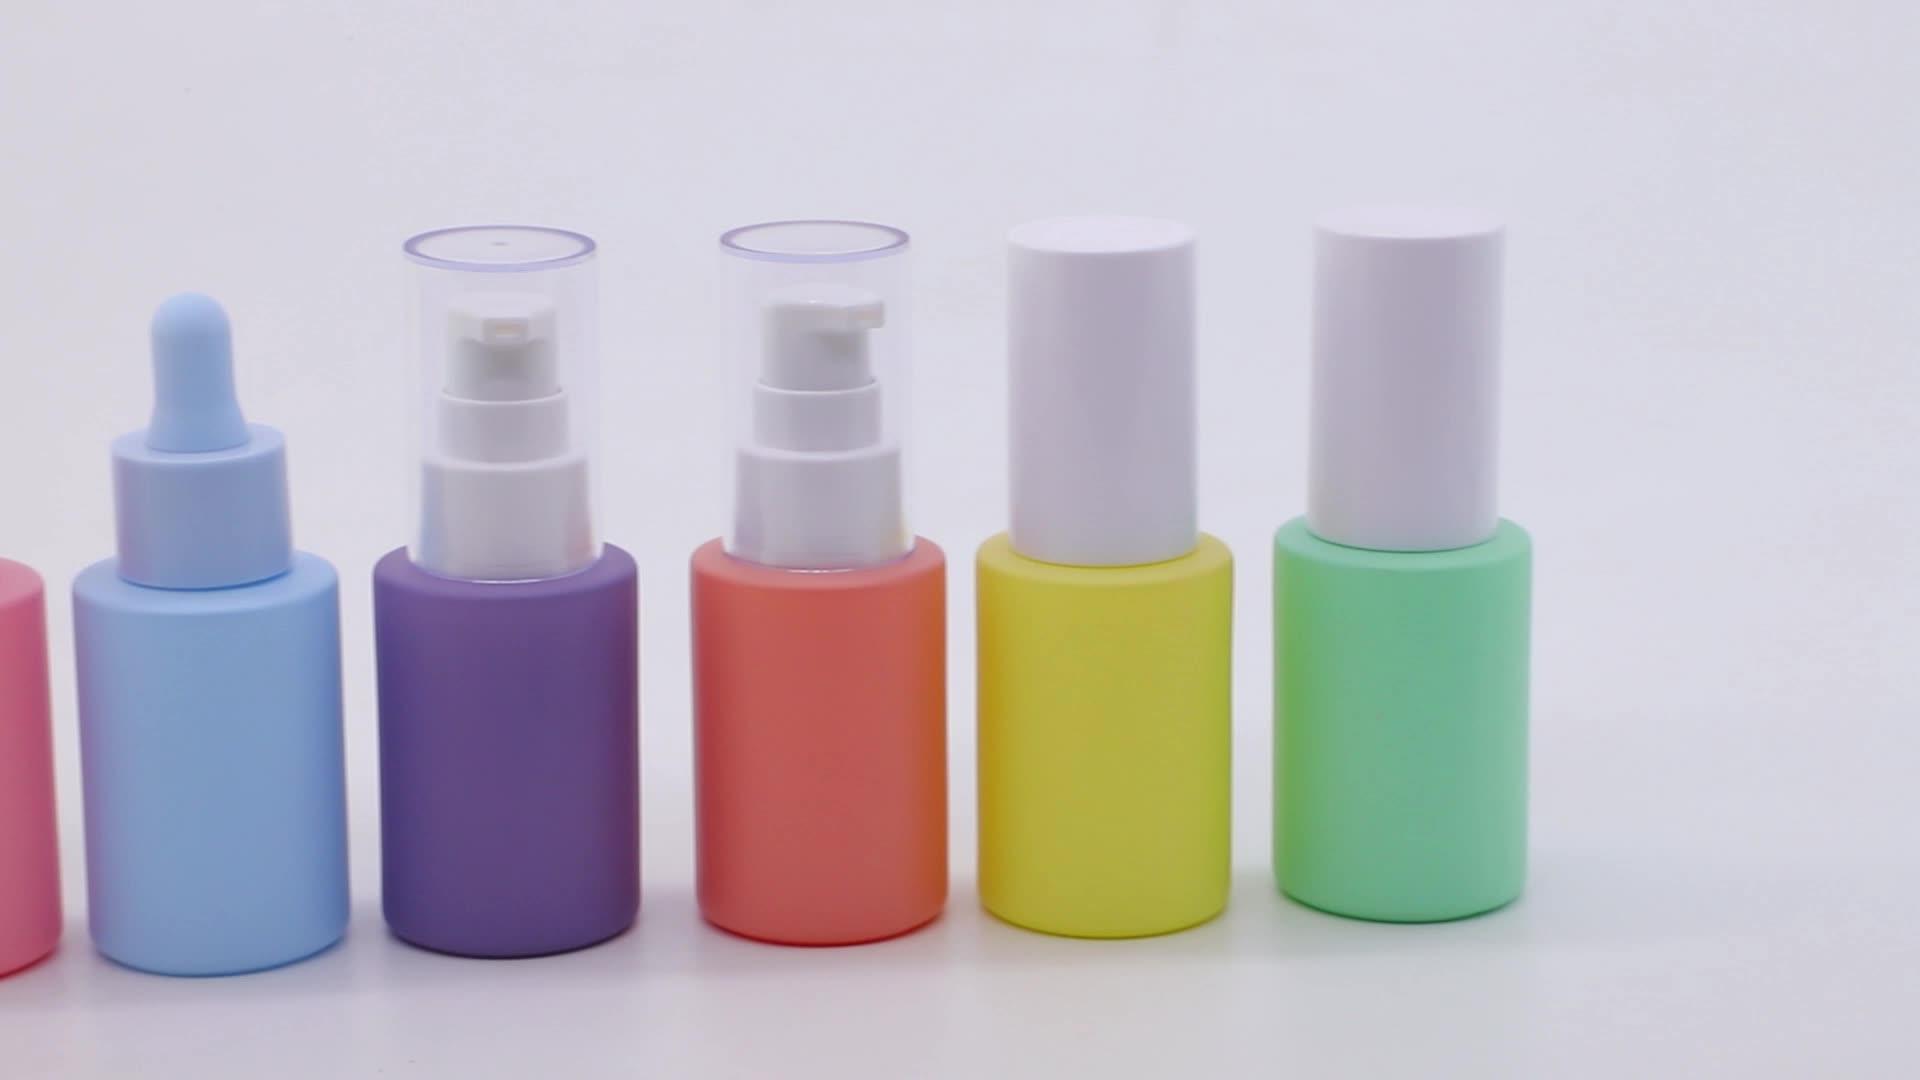 En stock 1oz 30ml verde azul amarillo color rosa púrpura de botellas de cuentagotas de vidrio para la venta al por mayor